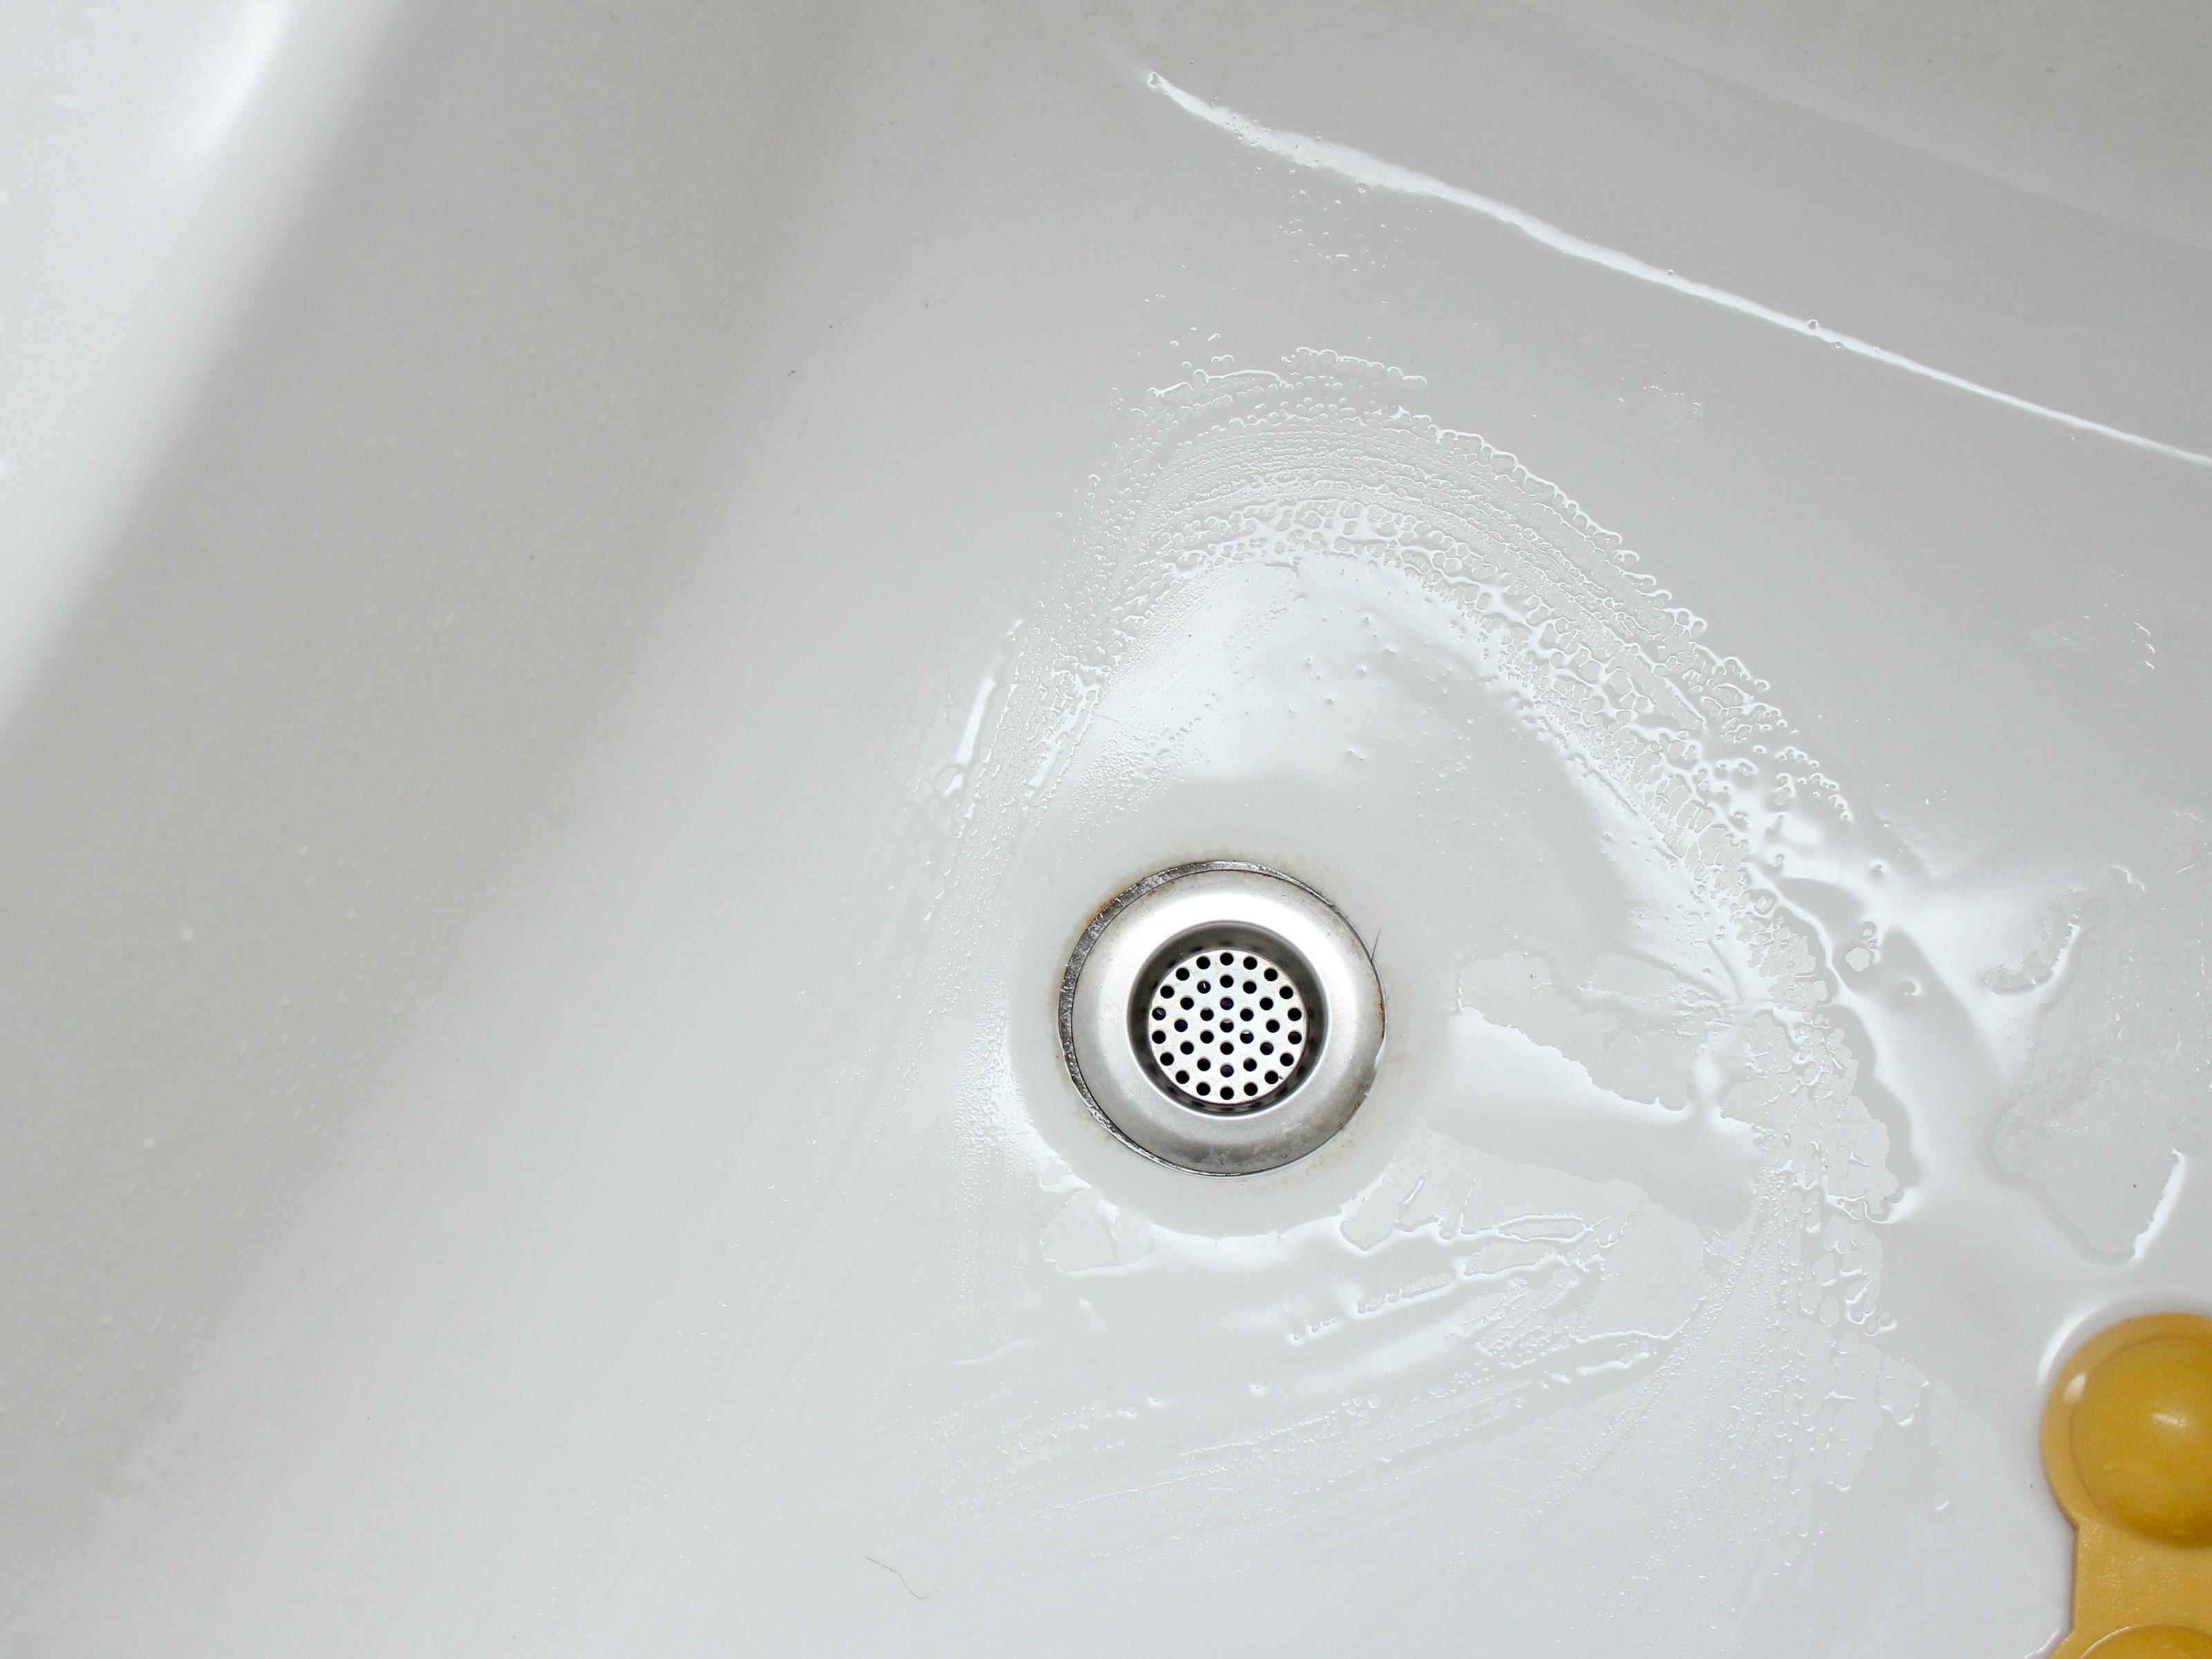 Unblock a Drain unclog kitchen sink